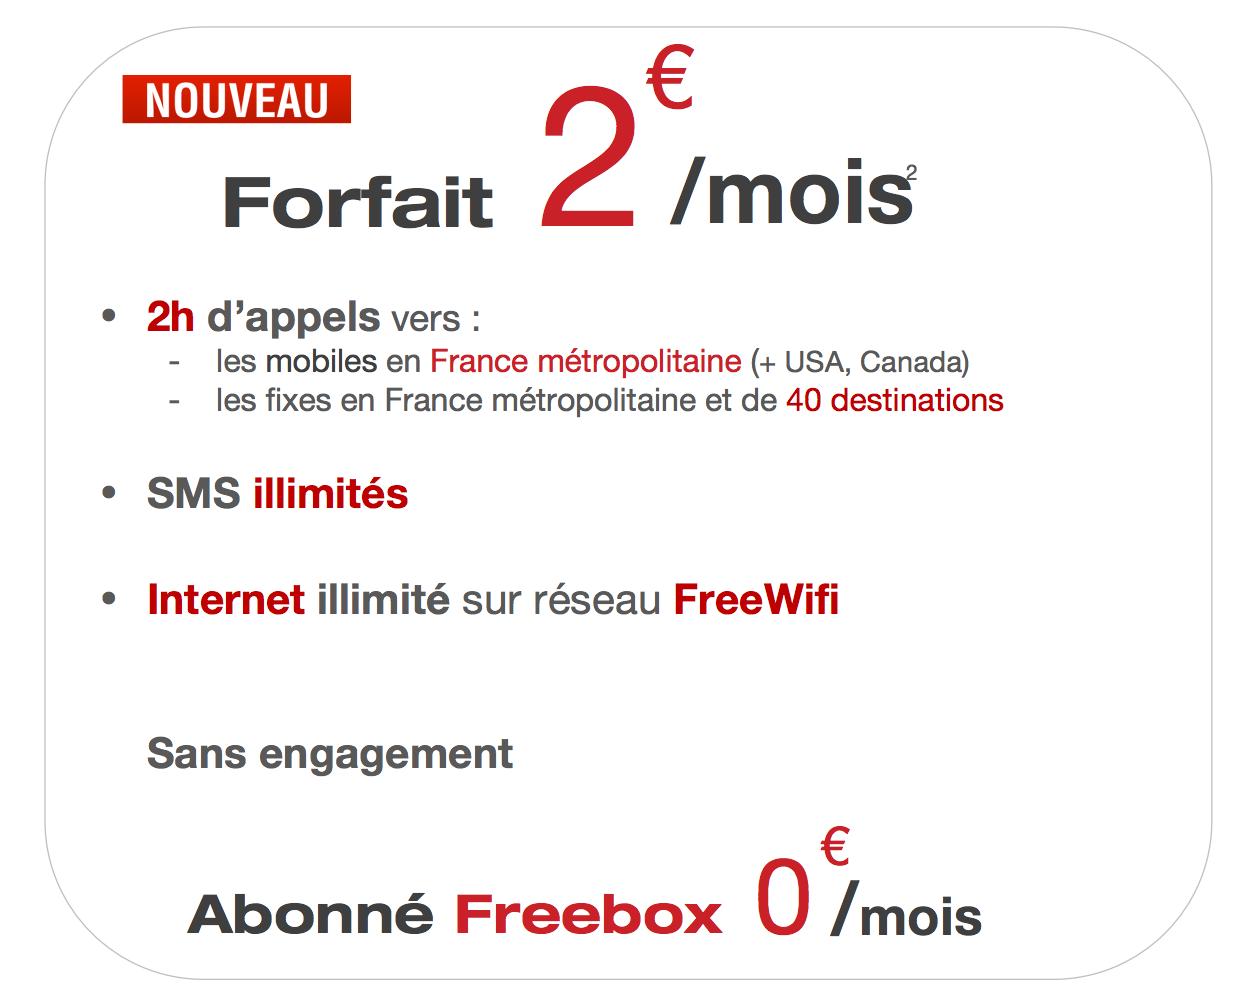 forfait free a 2 euros avis